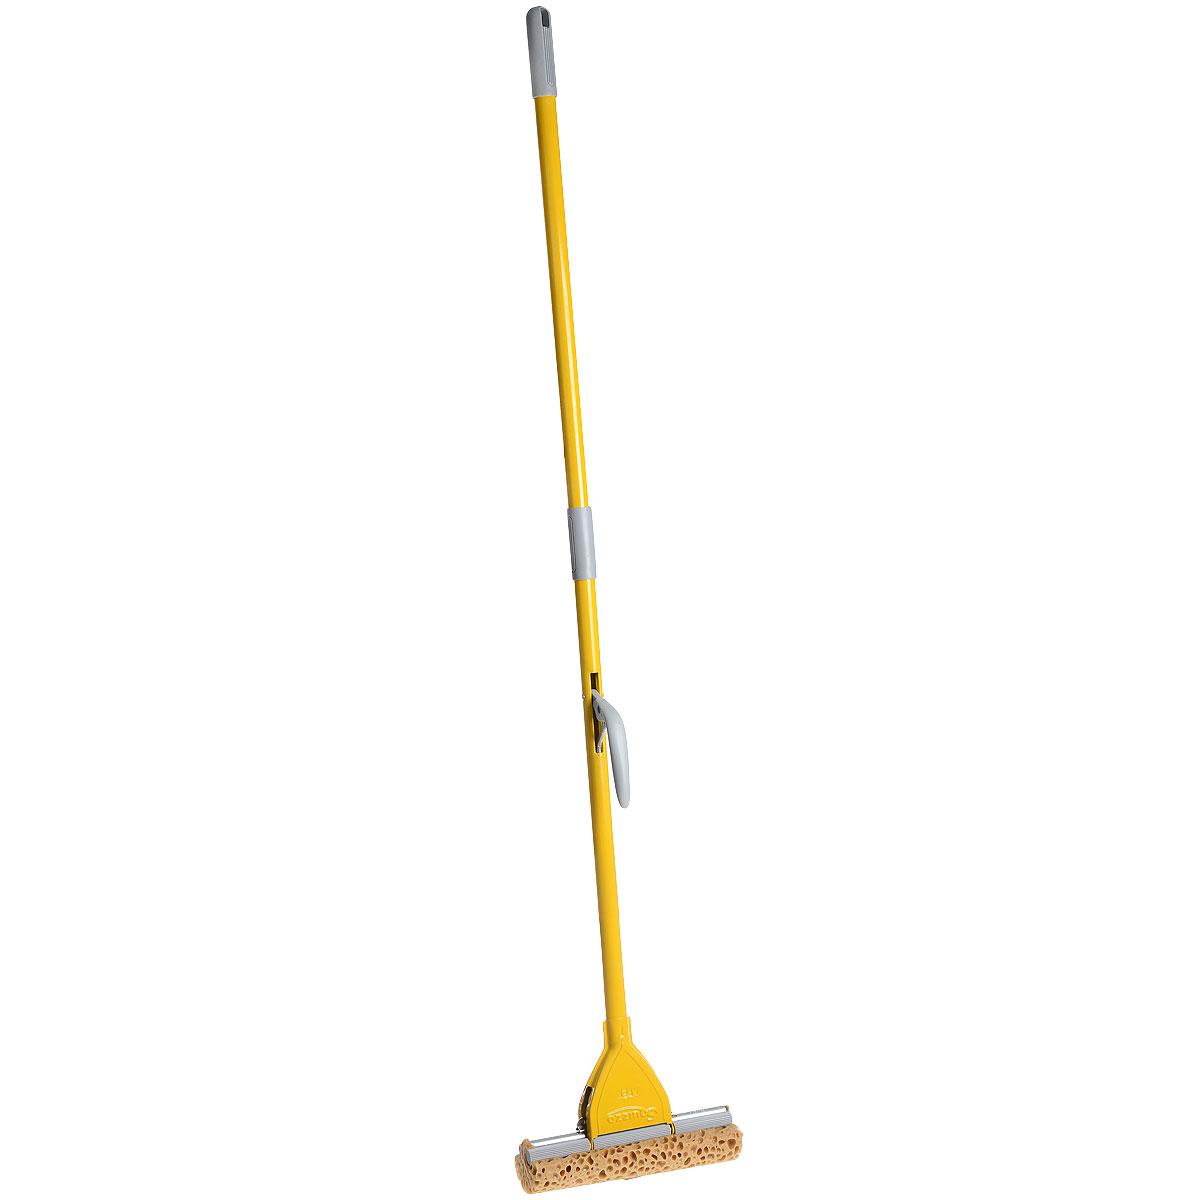 Швабра Apex Minor, с отжимом, цвет: желтый, серый, 25 см швабра apex minor с отжимом цвет желтый серый 25 см